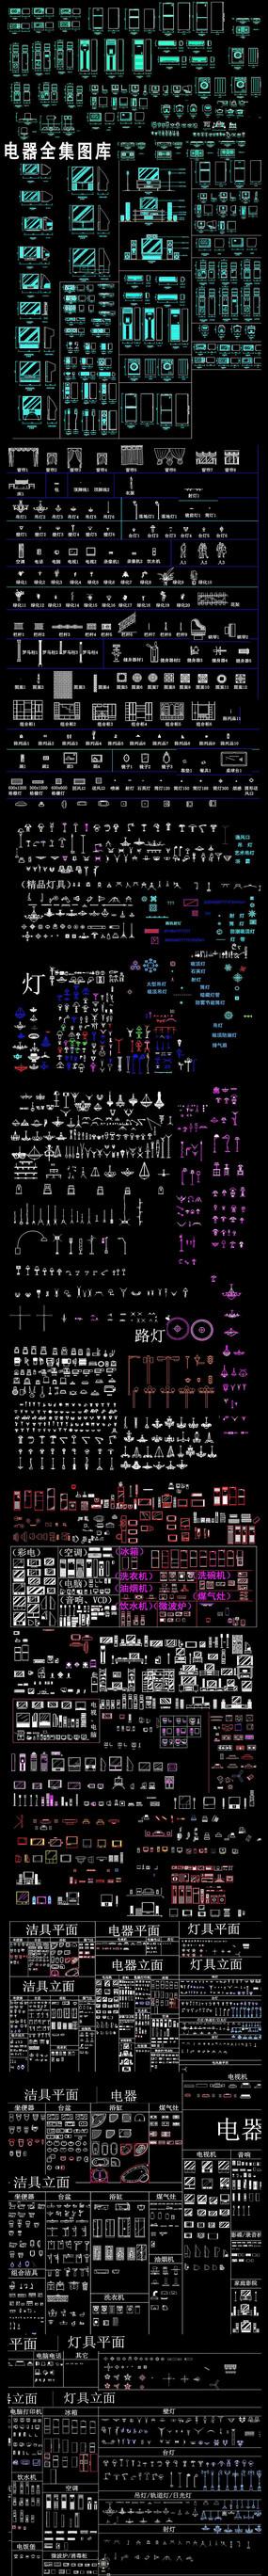 家用电器CAD图库